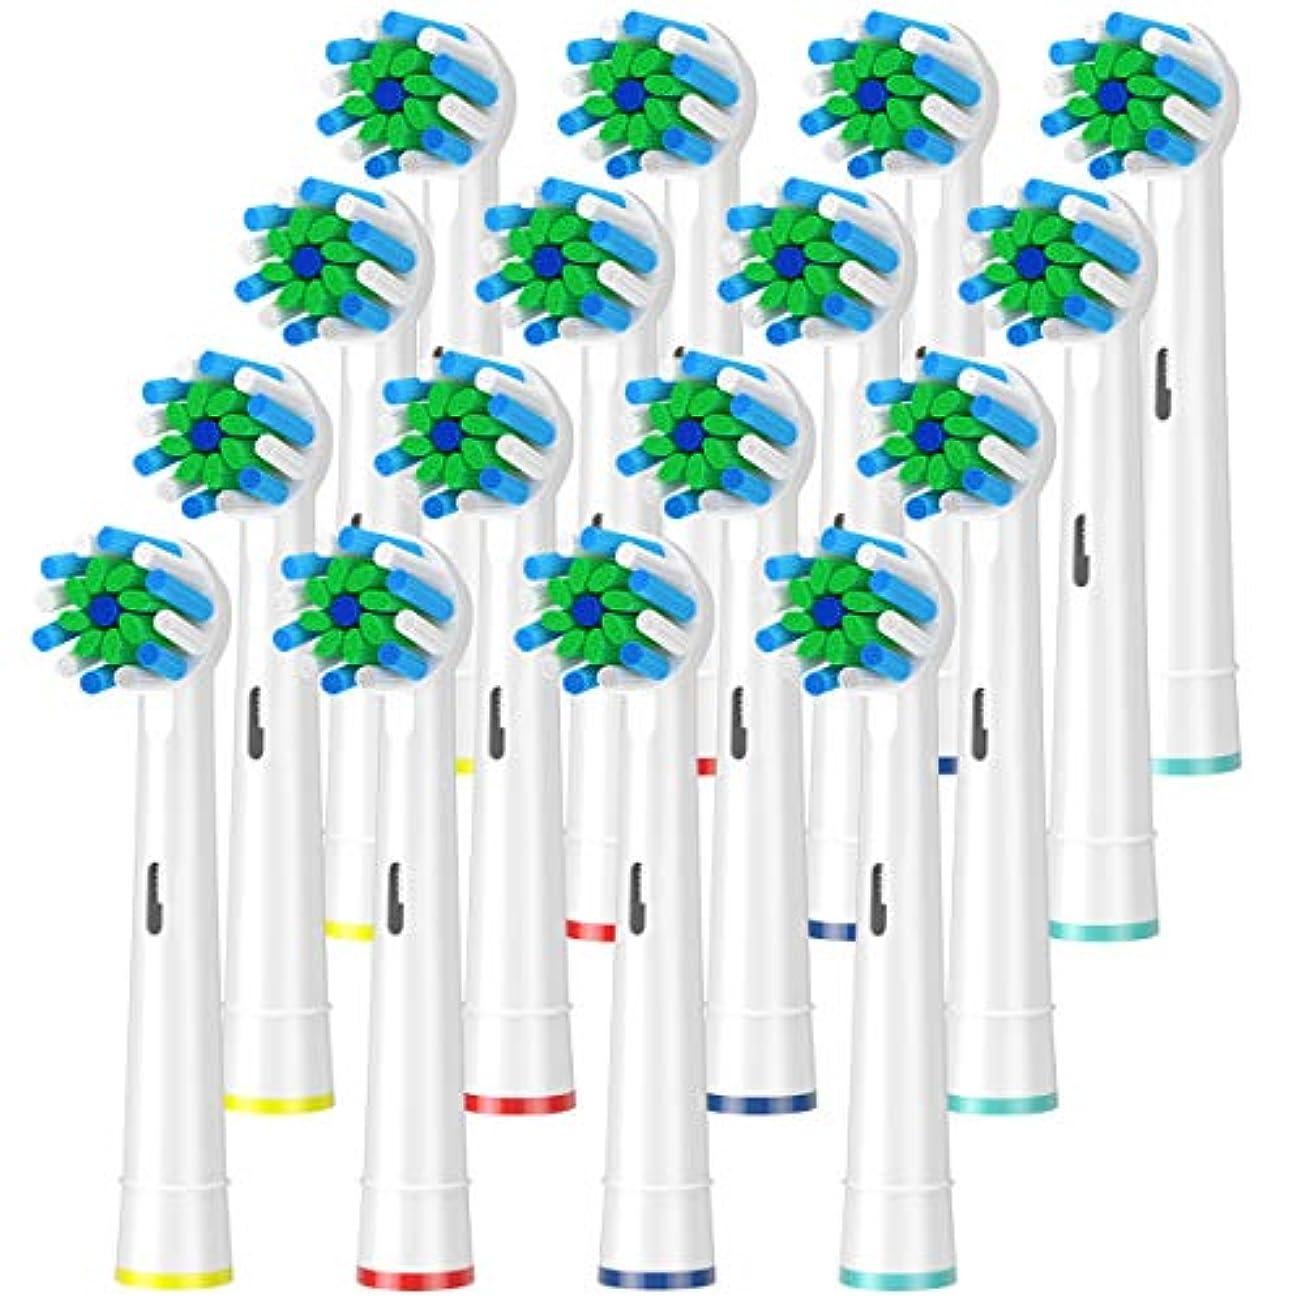 上昇トリプル復活ITECHNIK ブラウン 電動歯ブラシ 対応 替えブラシ ブラウン オーラルB 替えブラシ Action cross(16)